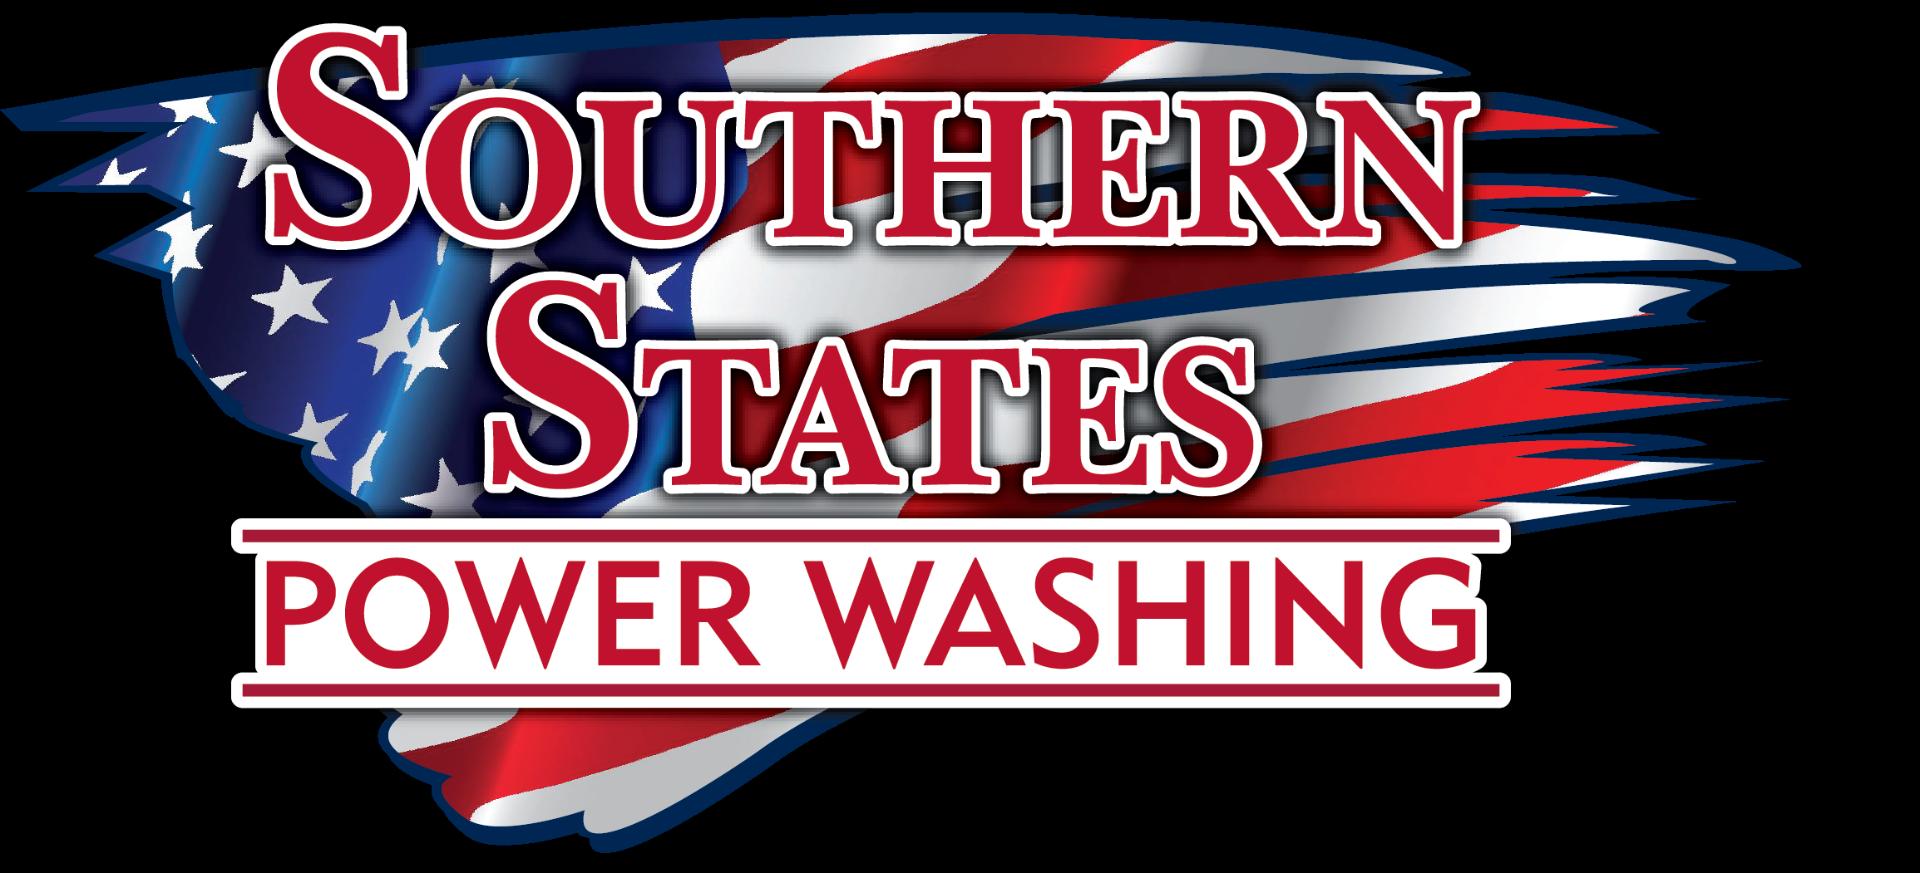 Southern States Power Washing